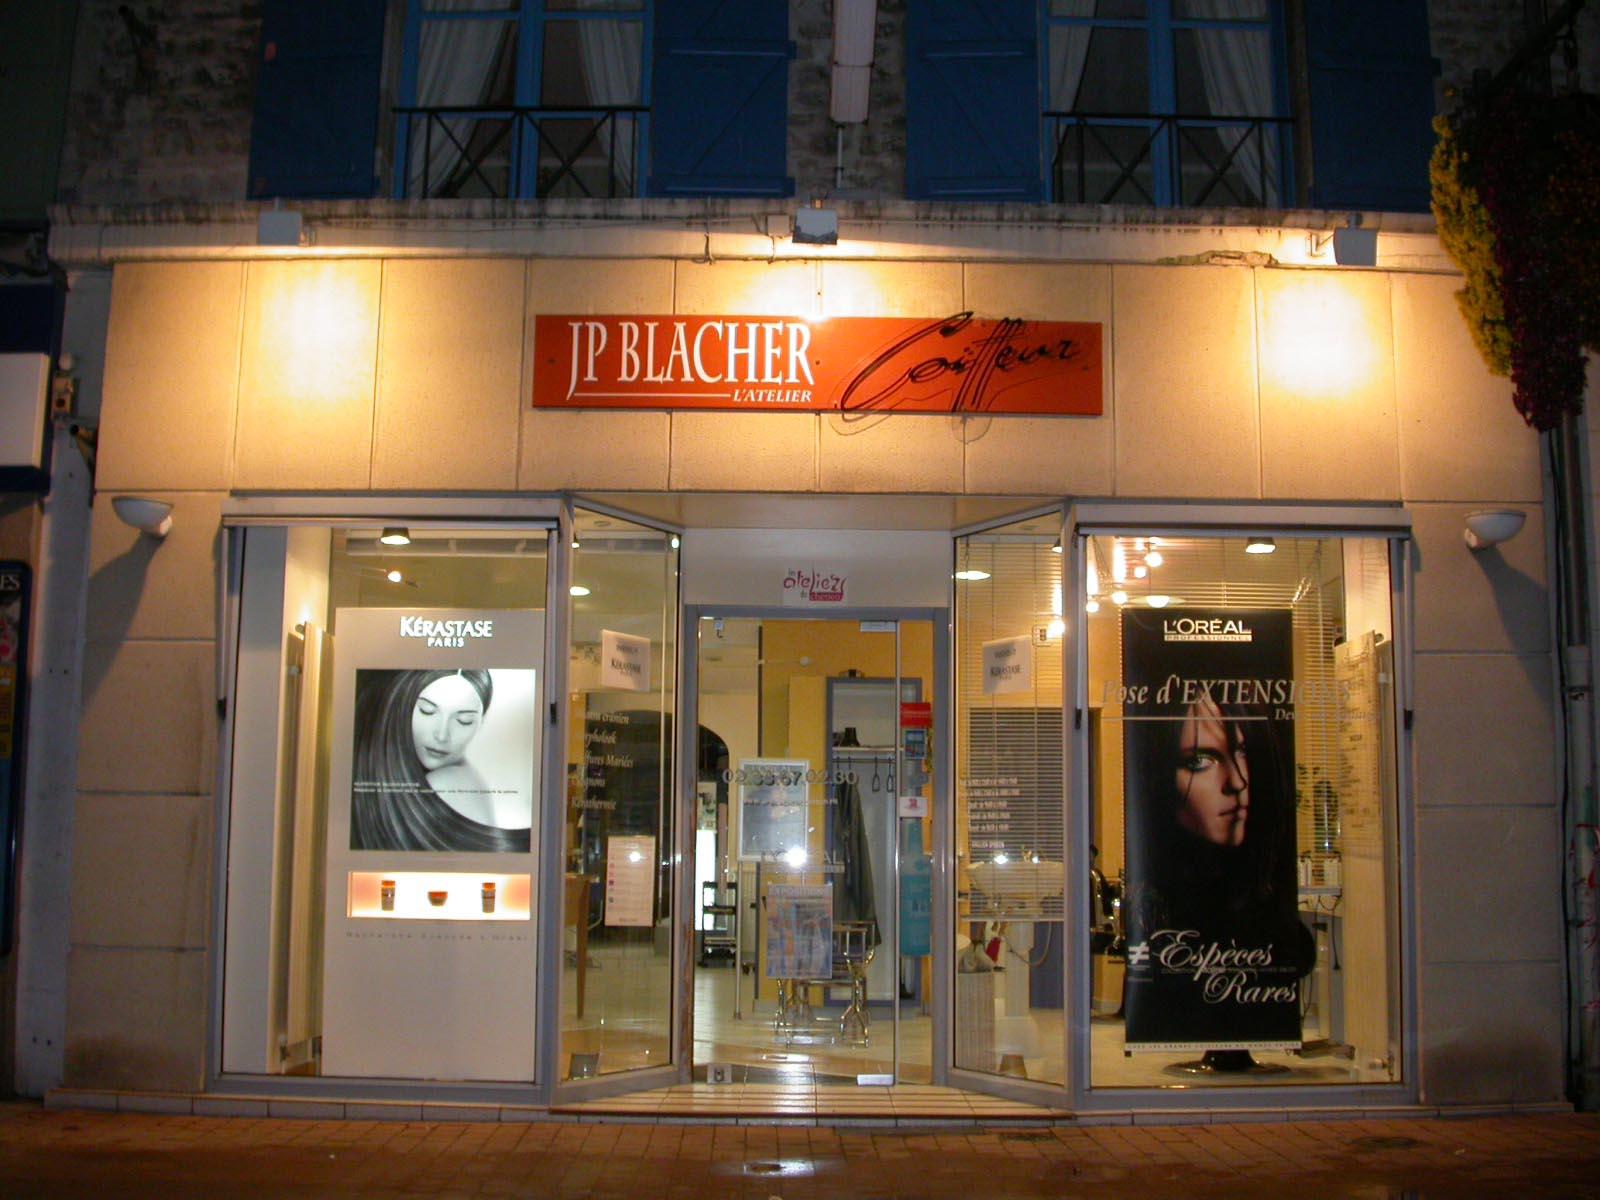 JP Blacher coiffeur